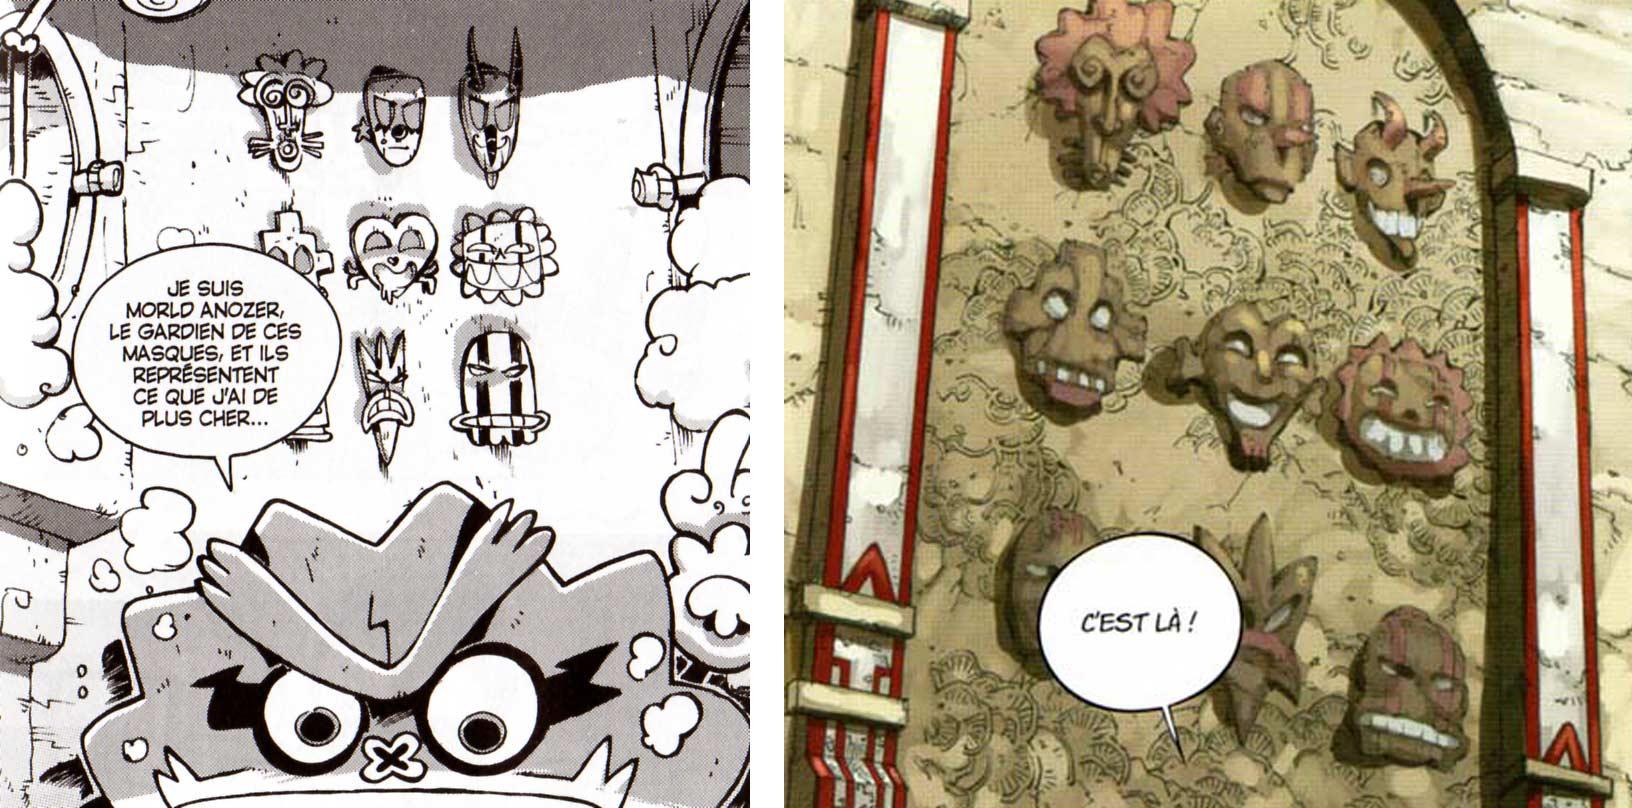 Le design et l'ordre des masques est basé sur le tome 15 de Dofus